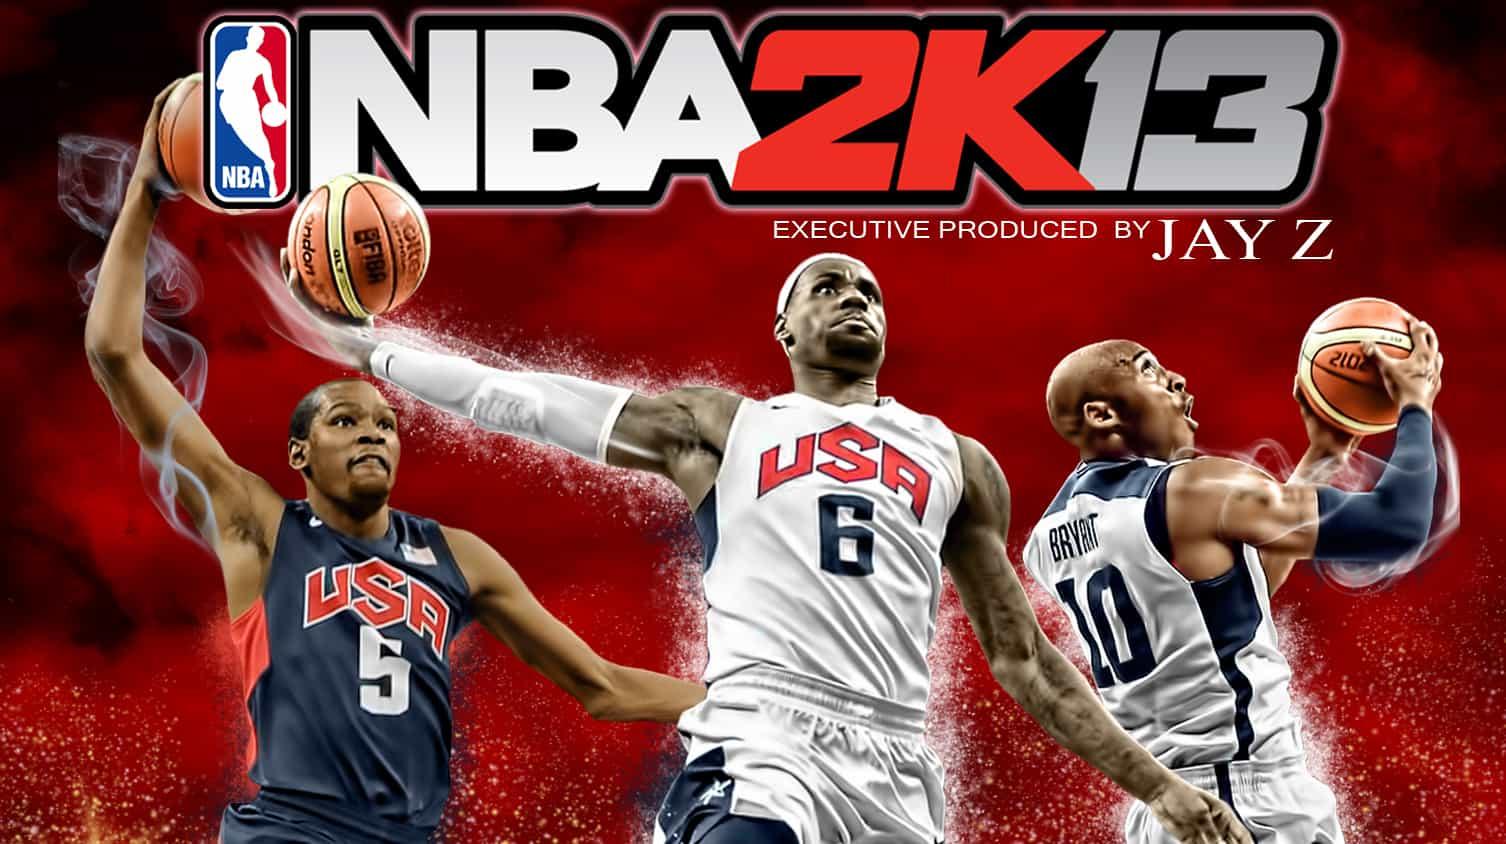 NBA_2K13